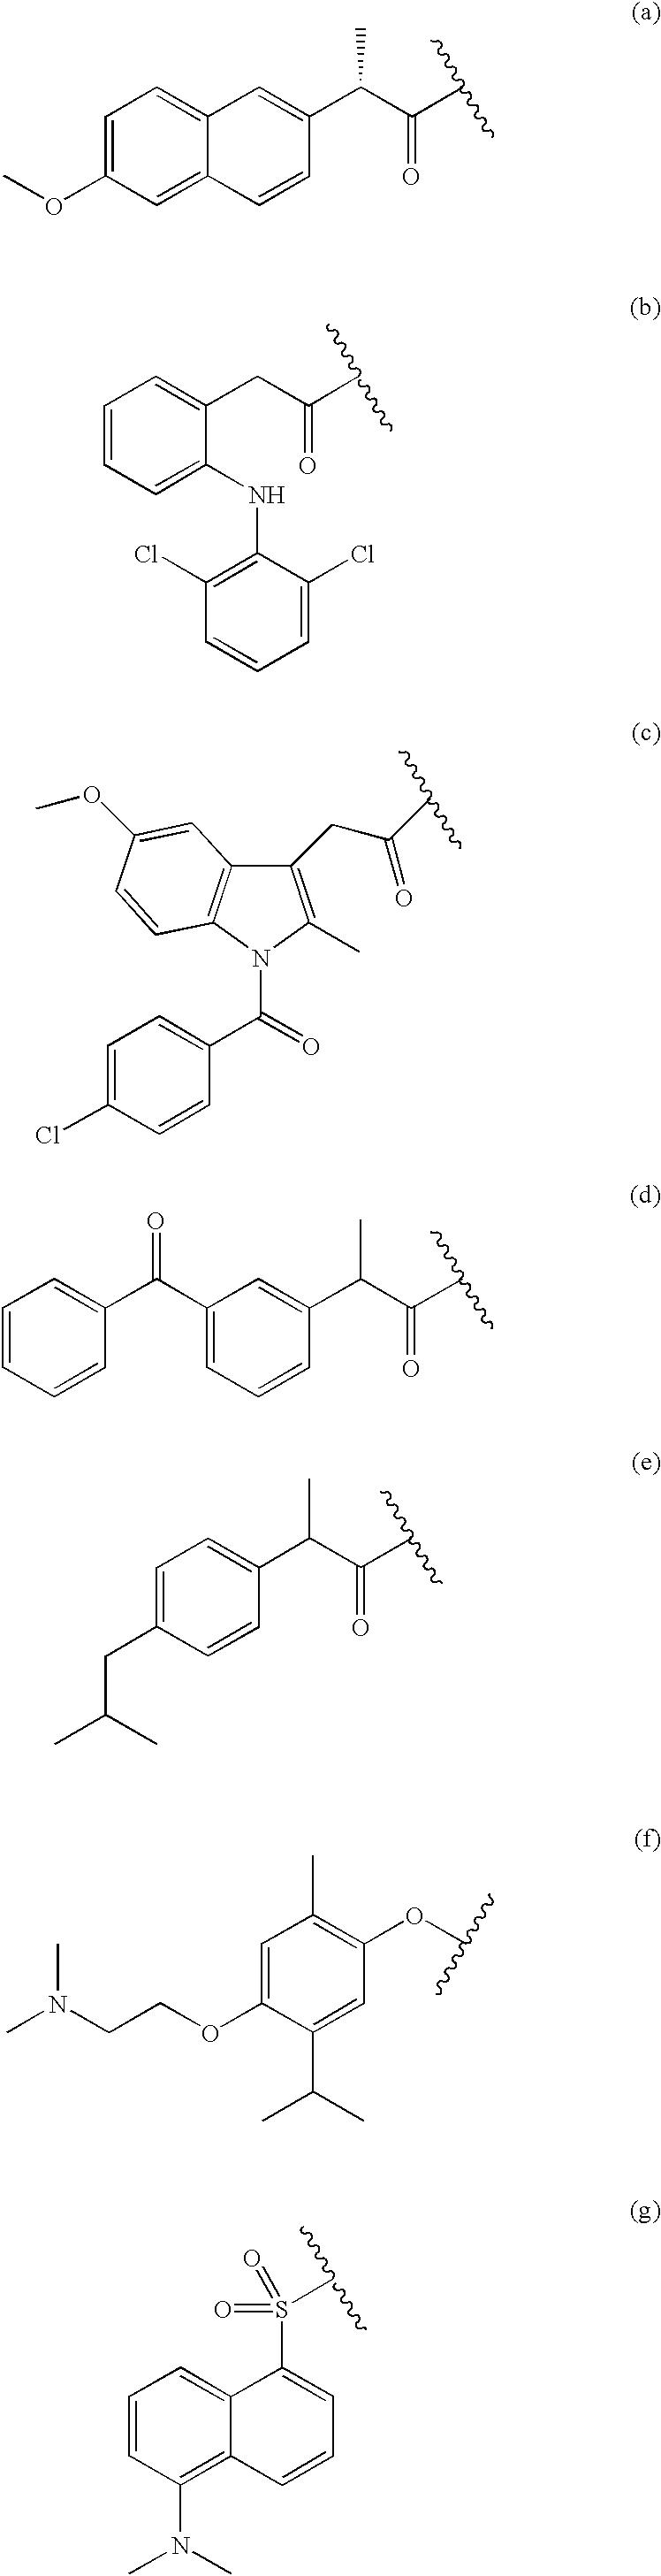 Figure US20030203915A1-20031030-C00012